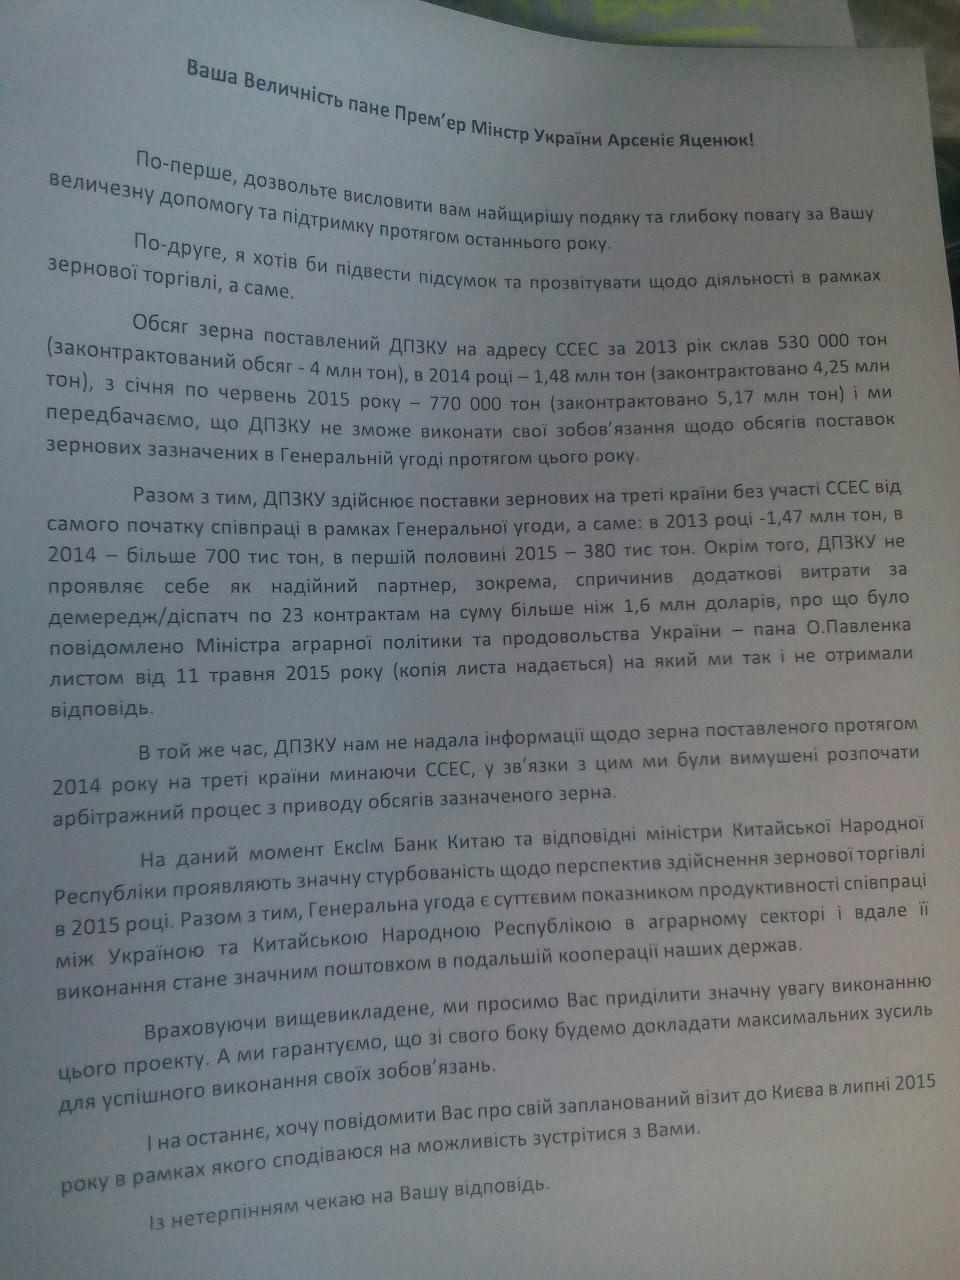 Минагрополитики совместно с ФГИ инициируют приватизацию Государственной продовольственно-зерновой корпорации Украины - Цензор.НЕТ 369